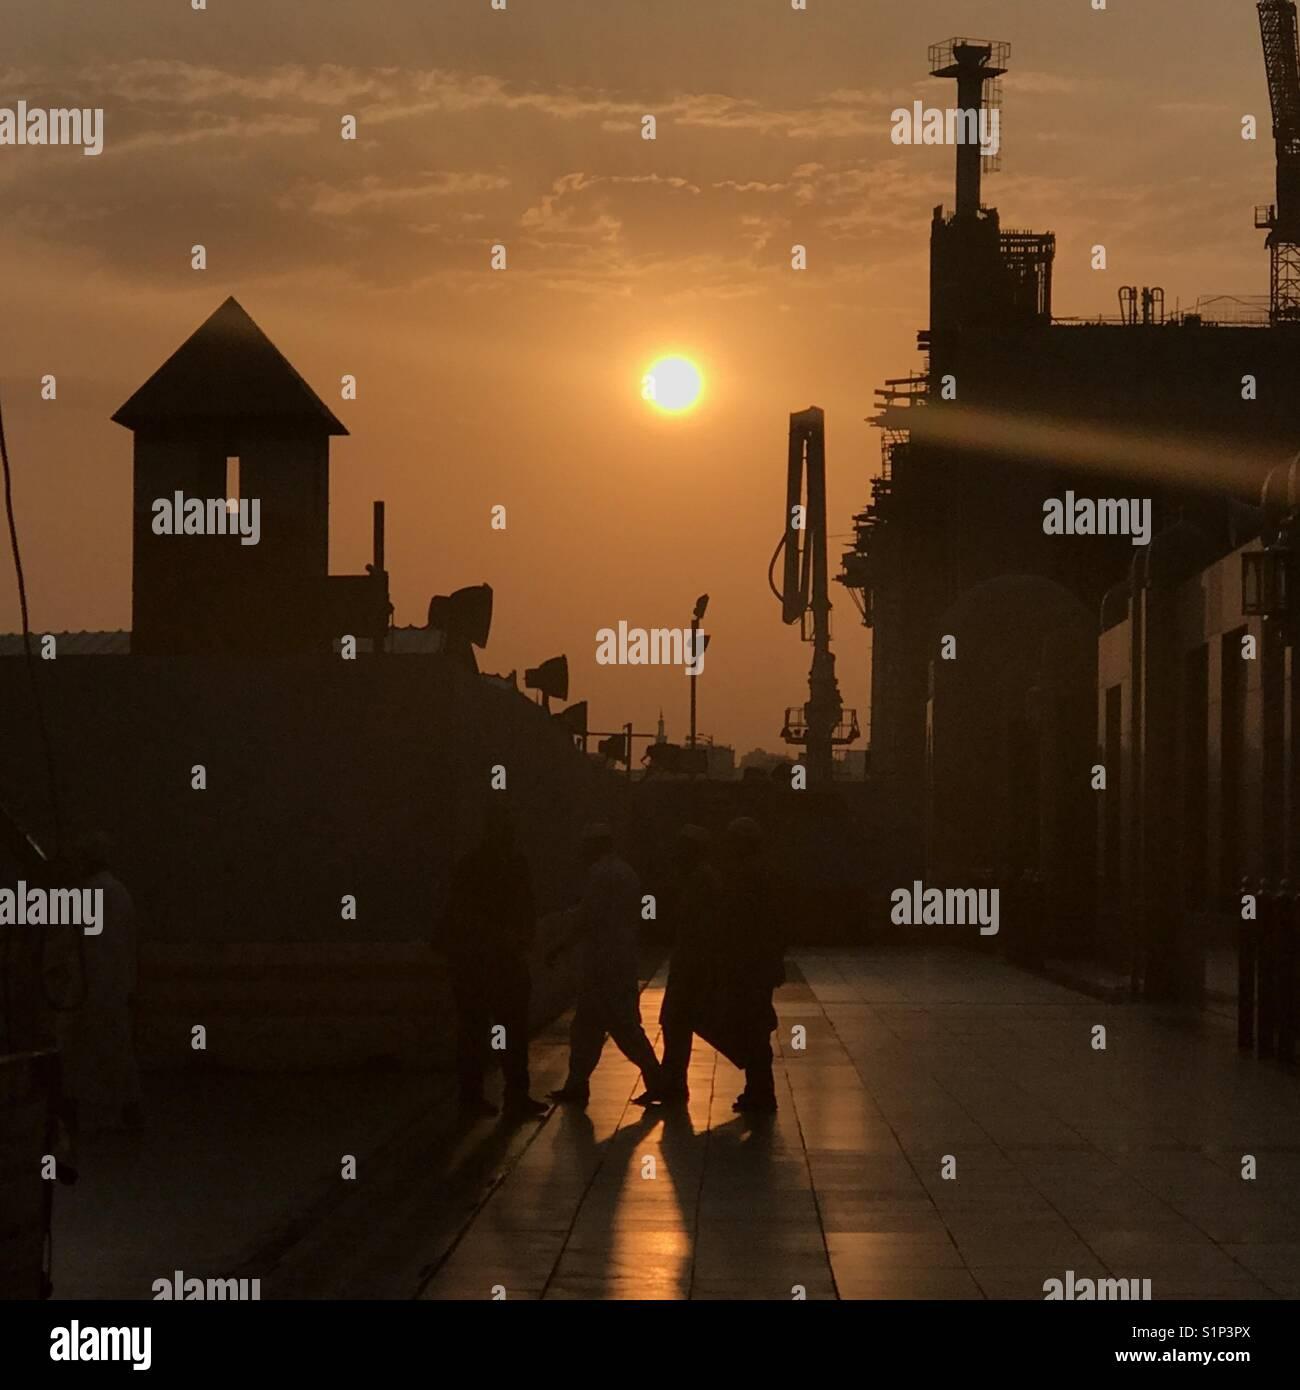 Sunrire in Medina - Stock Image